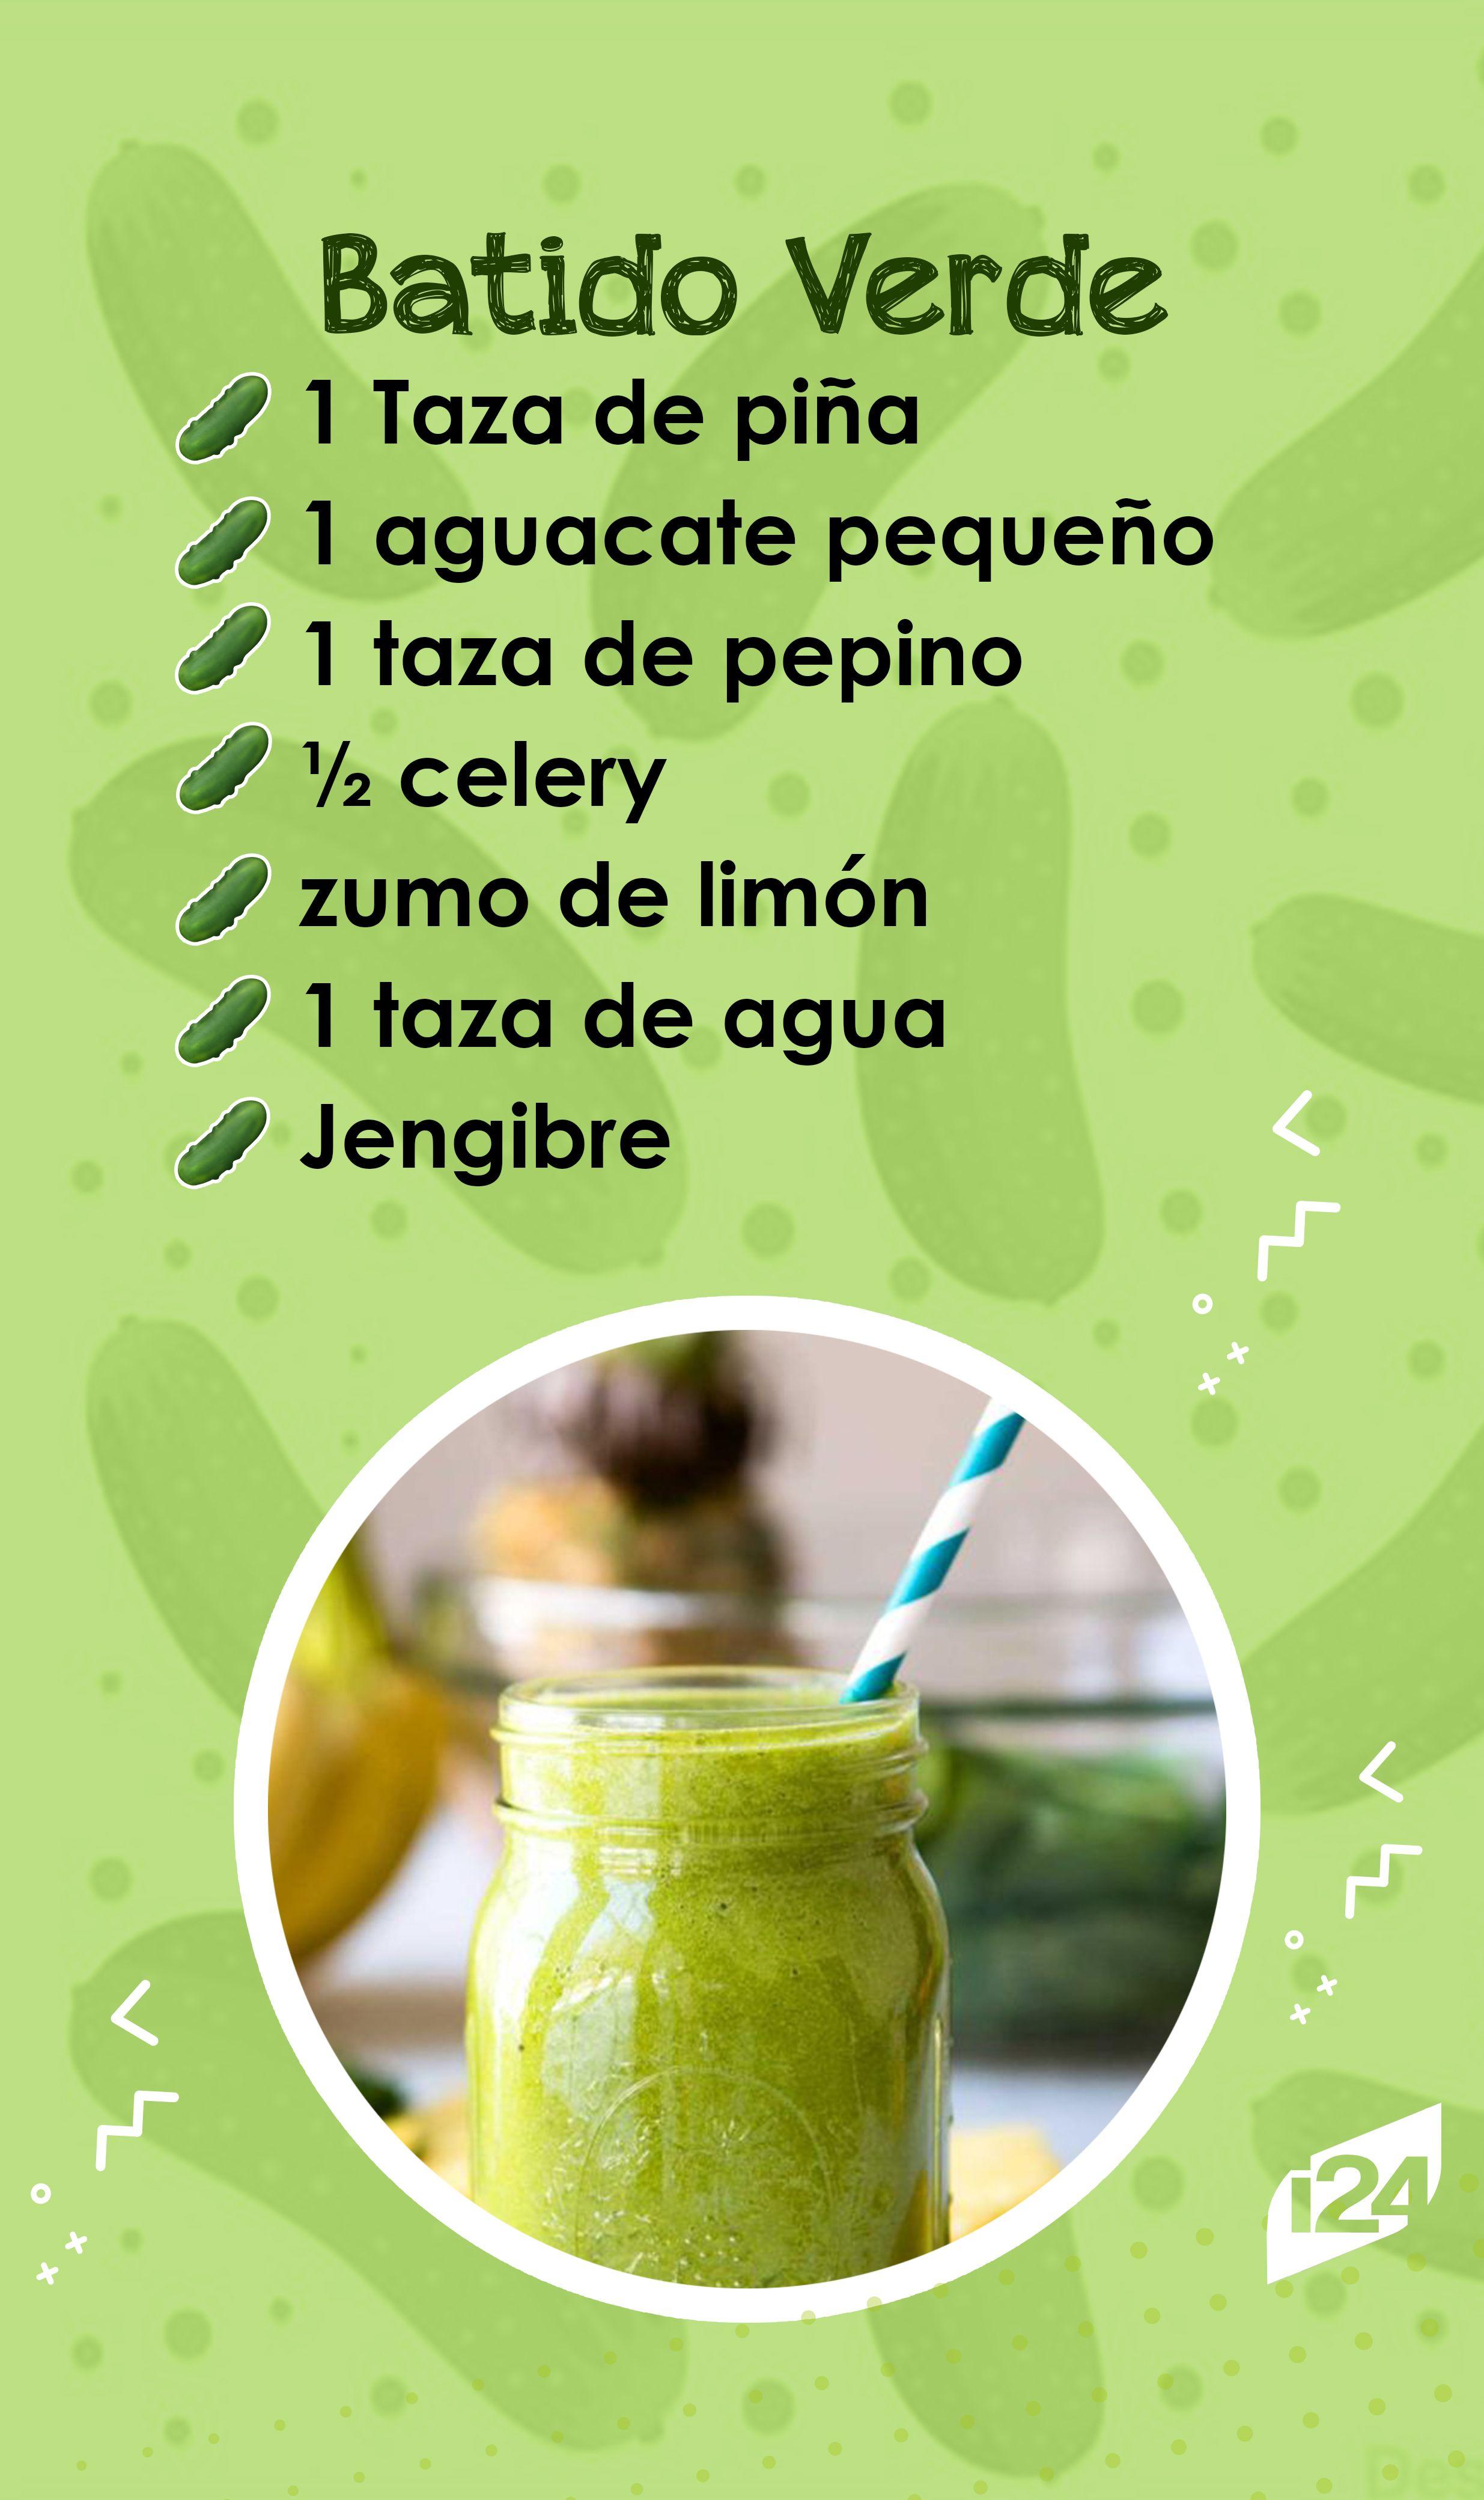 Receta de verduras verdes para adelgazar